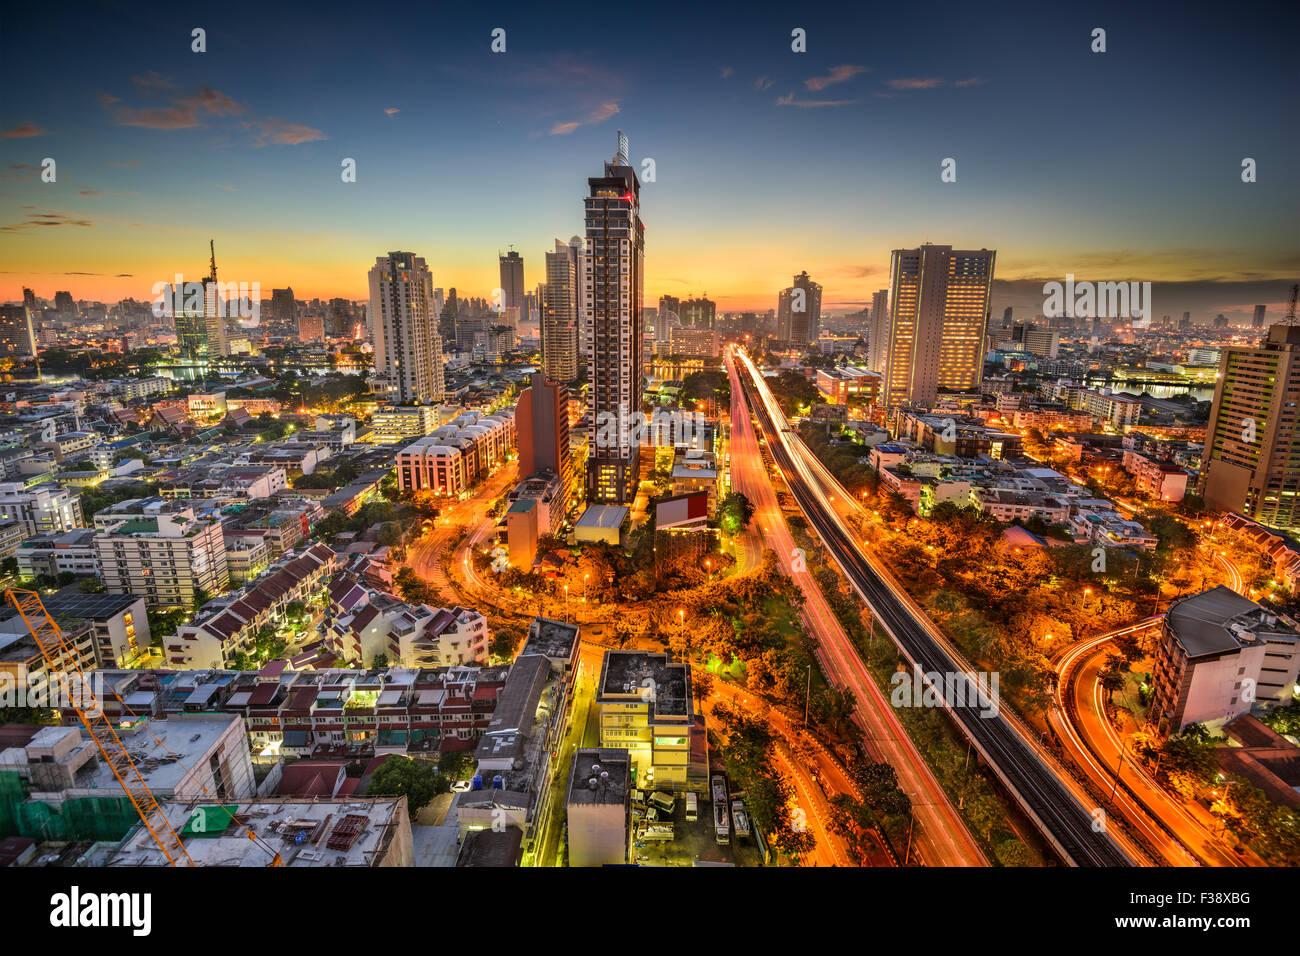 Bangkok, Thailand skyline at dawn. - Stock Image